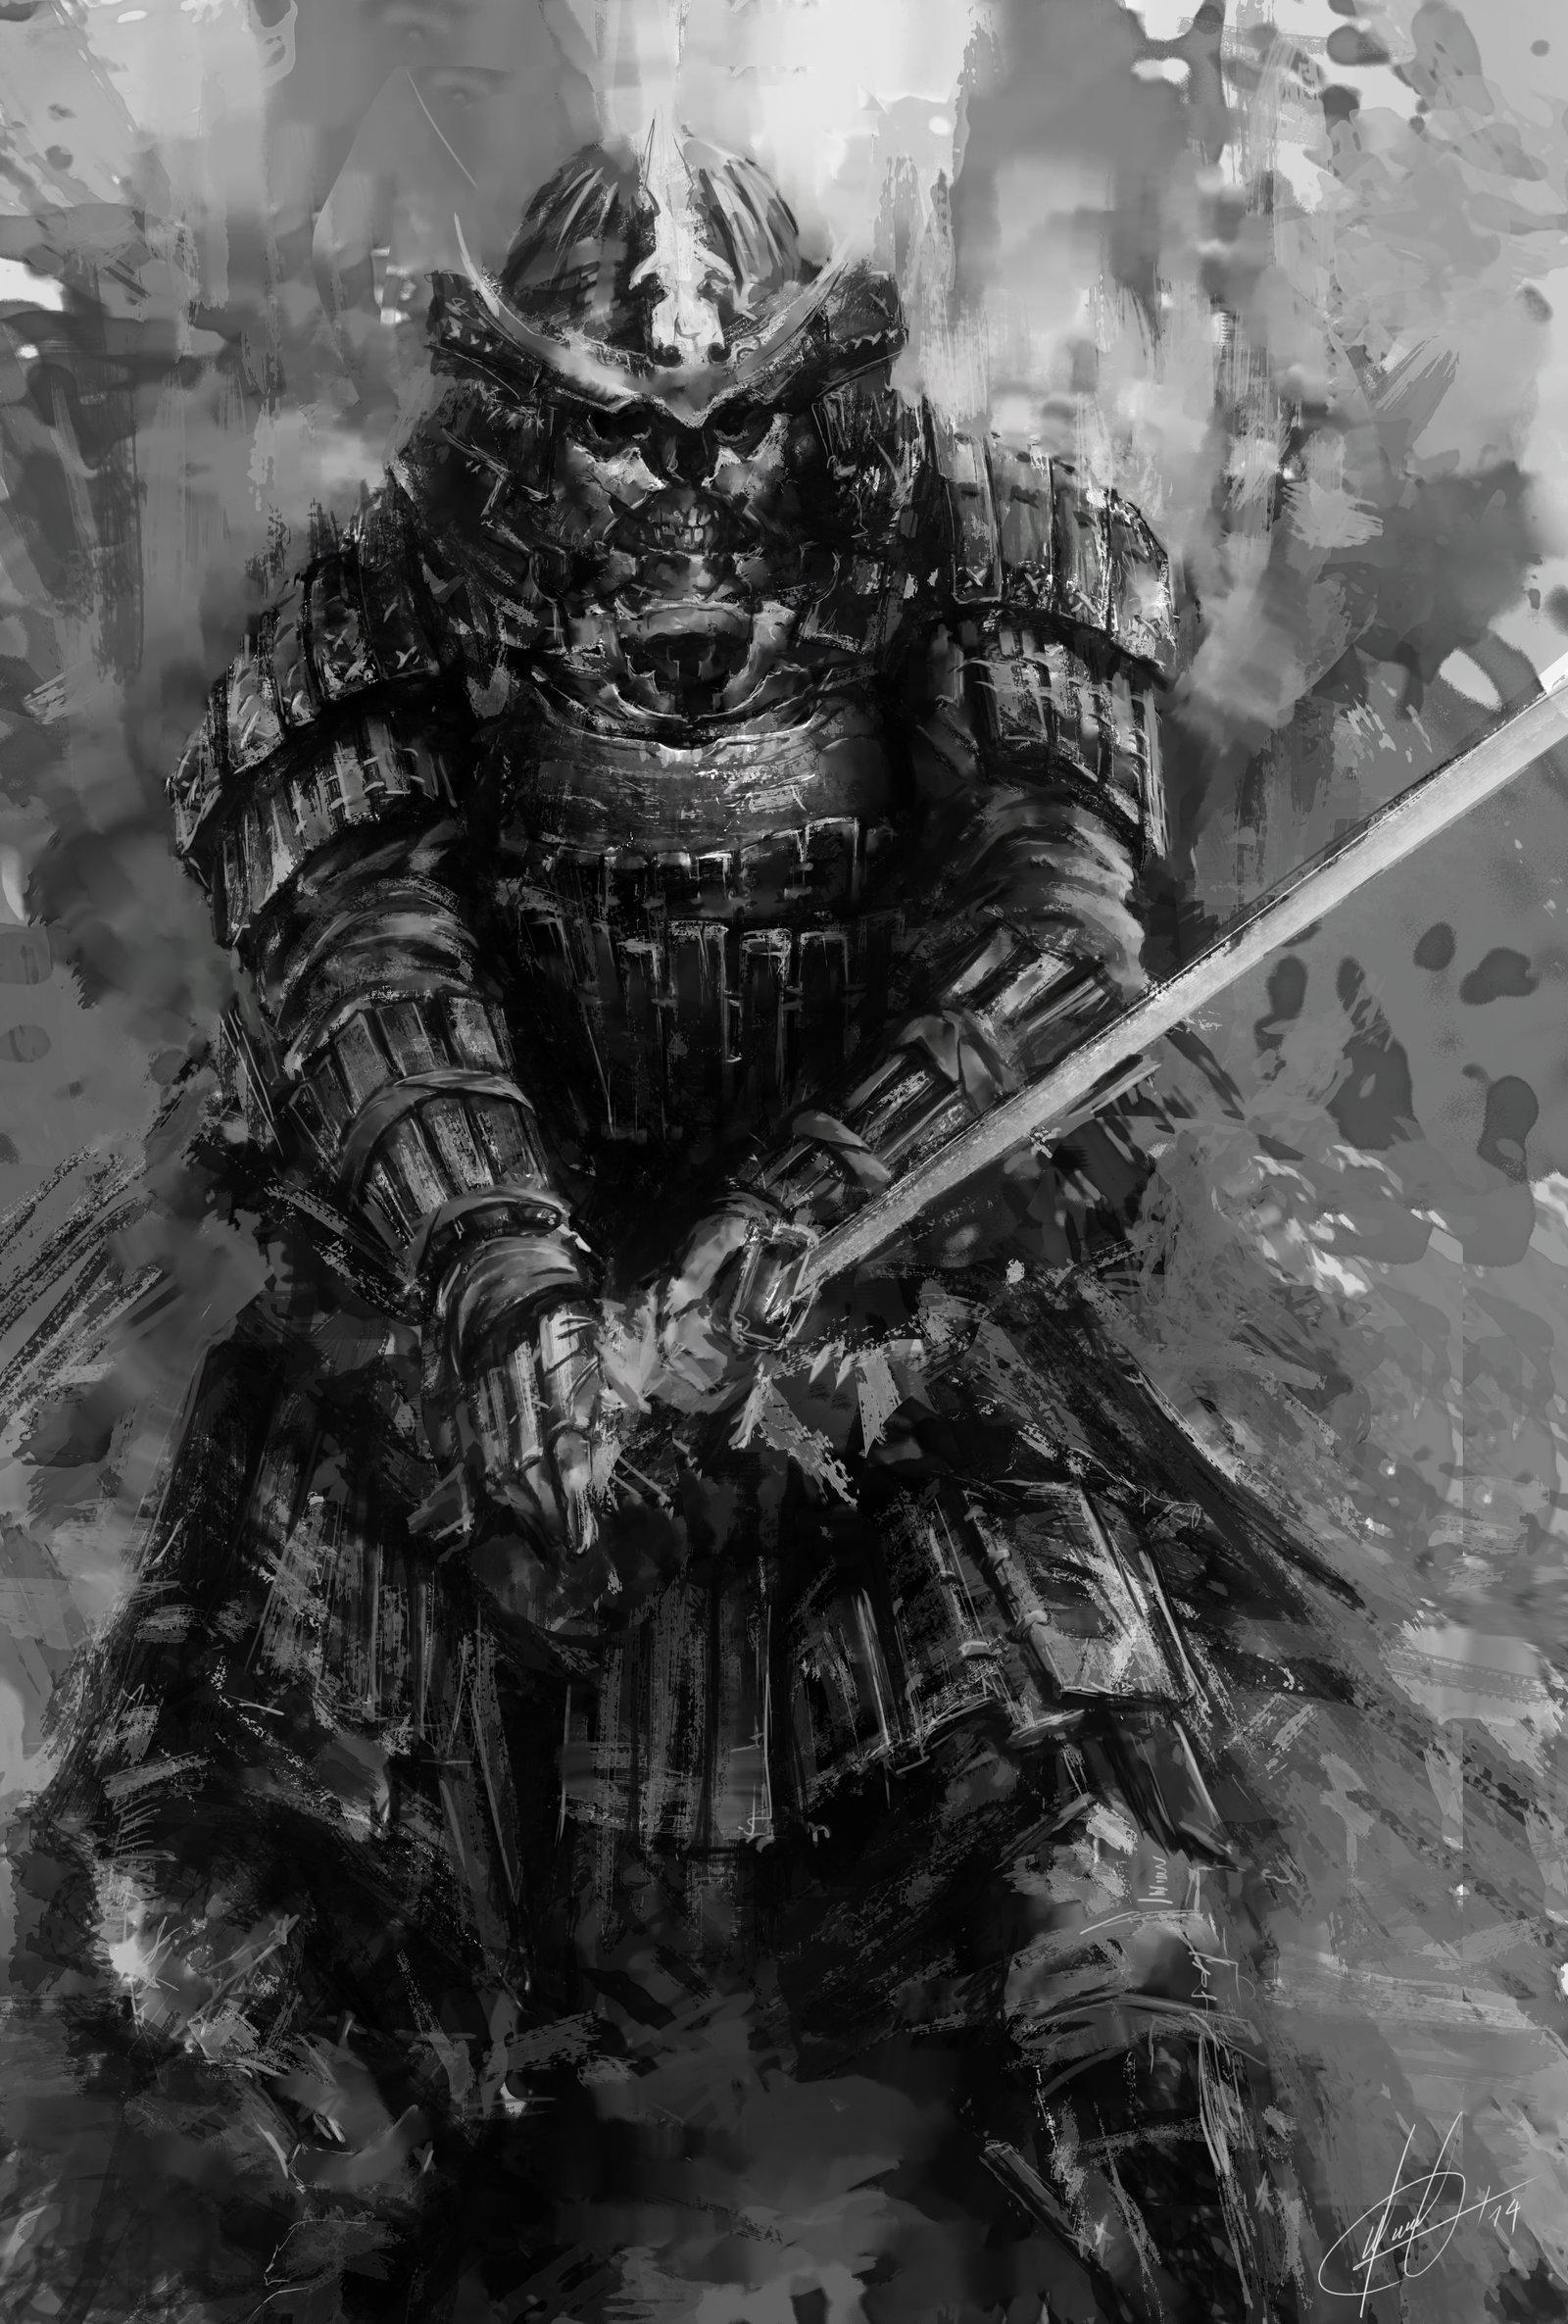 Drawn samurai demonic Tattoo demon and samurai tattoo